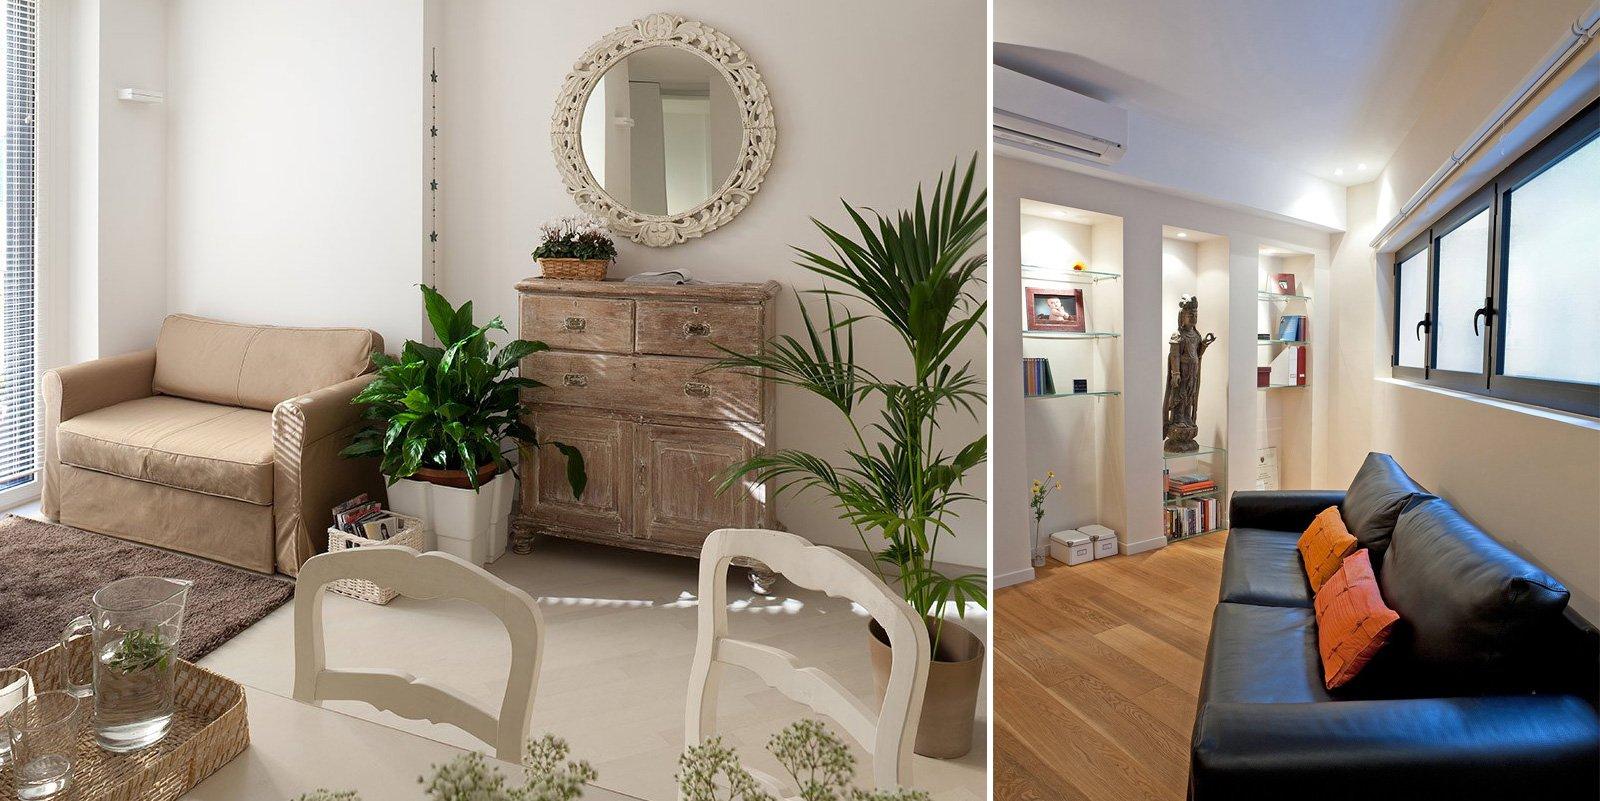 Case piccole due soluzioni diverse di 44 mq e 37 mq for Design interni case piccole